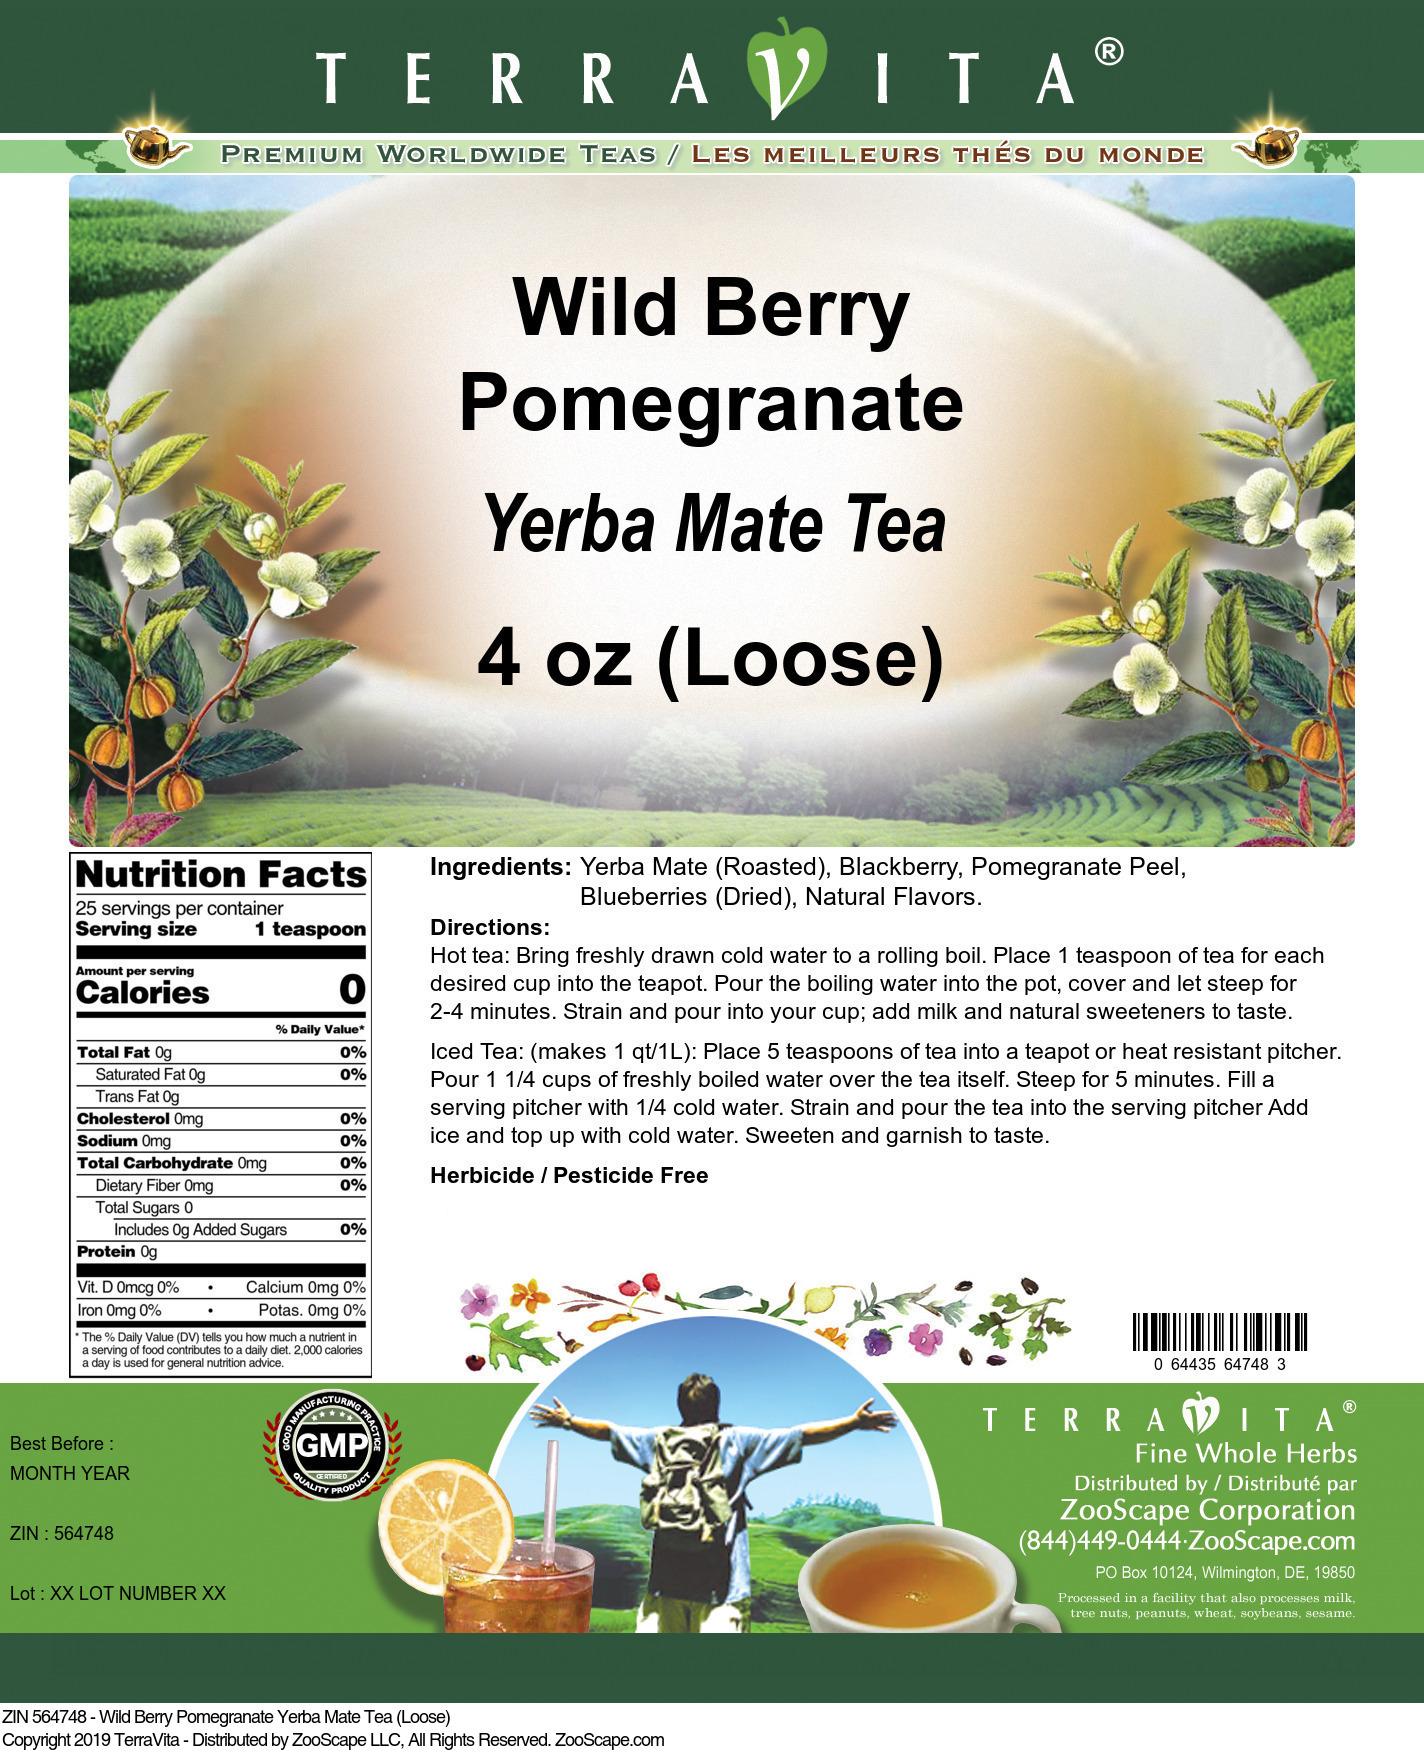 Wild Berry Pomegranate Yerba Mate